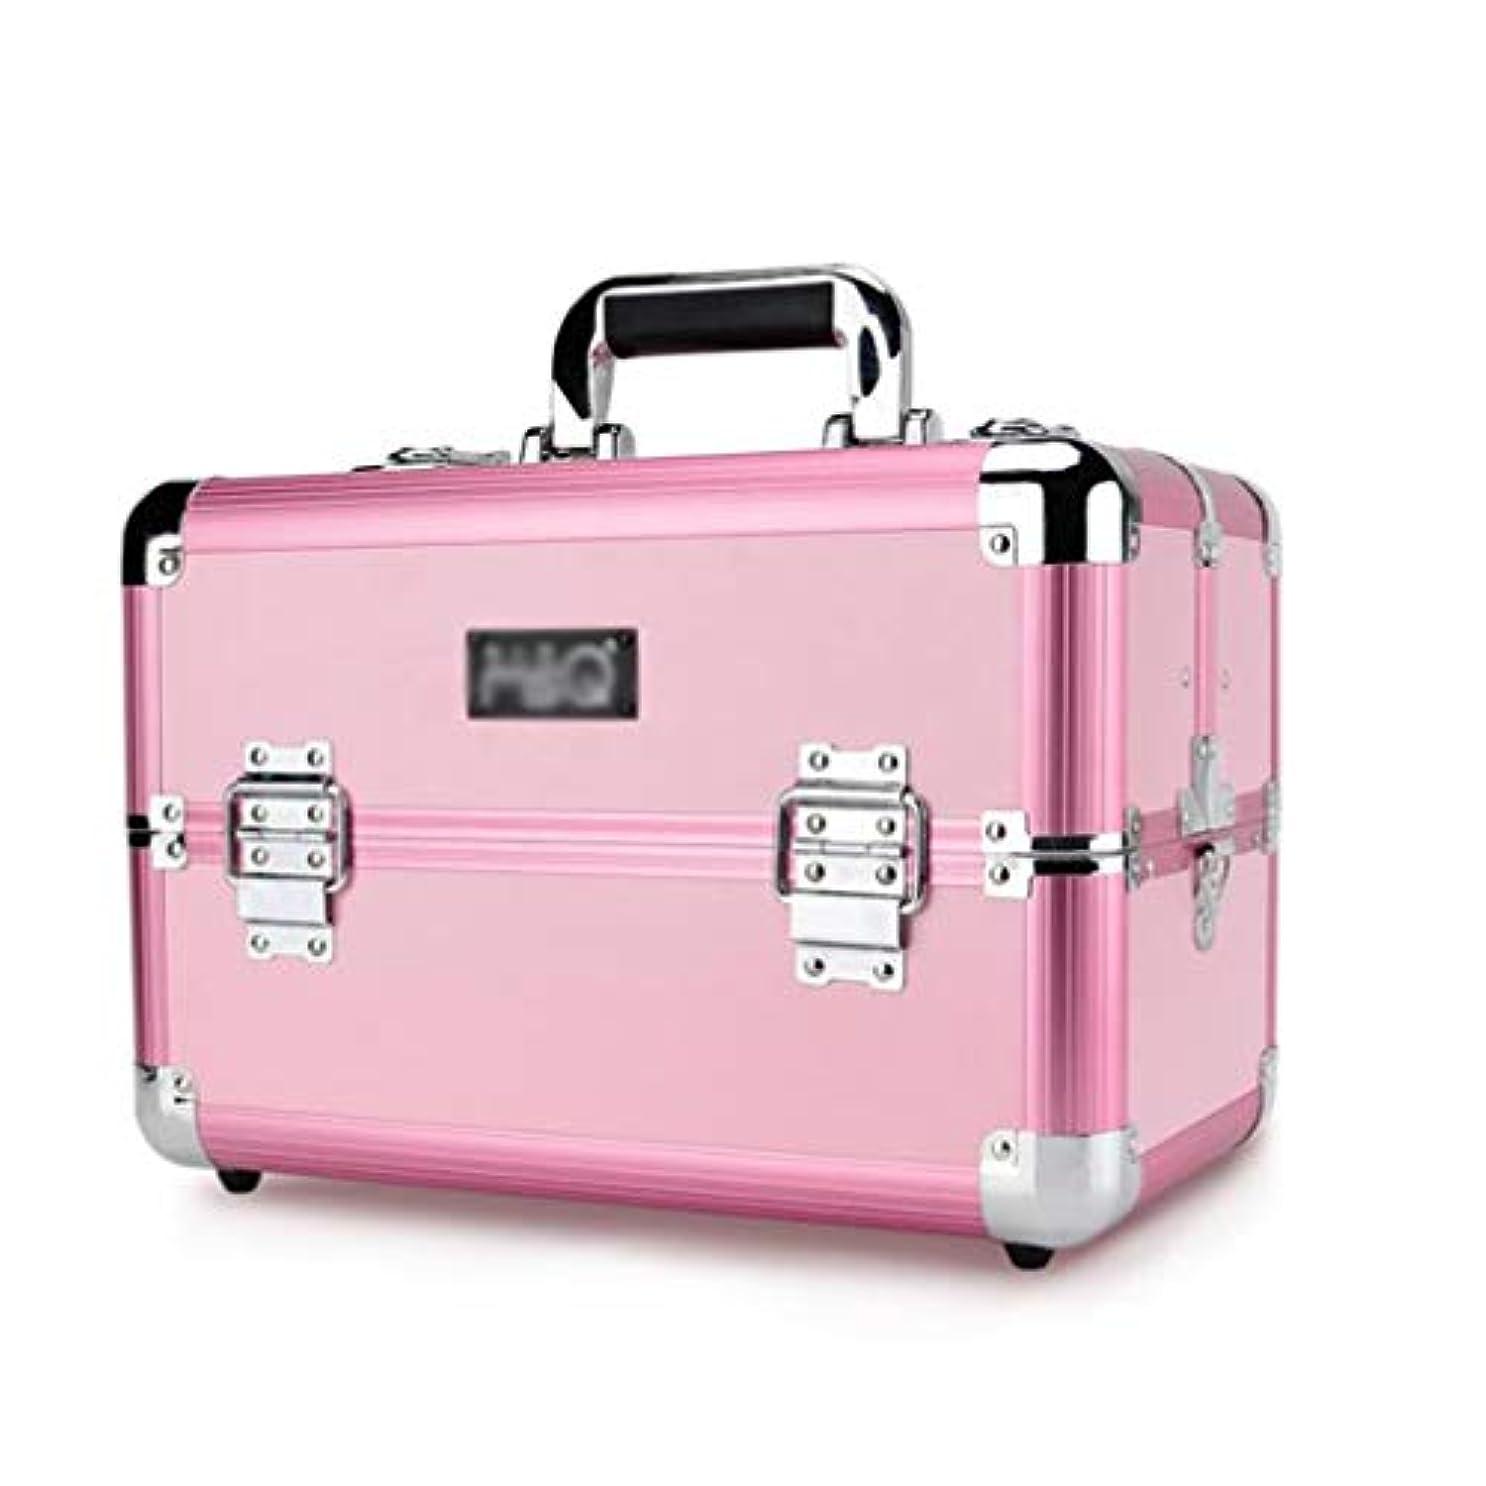 認識ピラミッドチョップBUMC プロのアルミ化粧品ケースメイクアップトロリー列車テーブル虚栄心のための美容師特大旅行ジュエリーボックスオーガナイザー,Pink